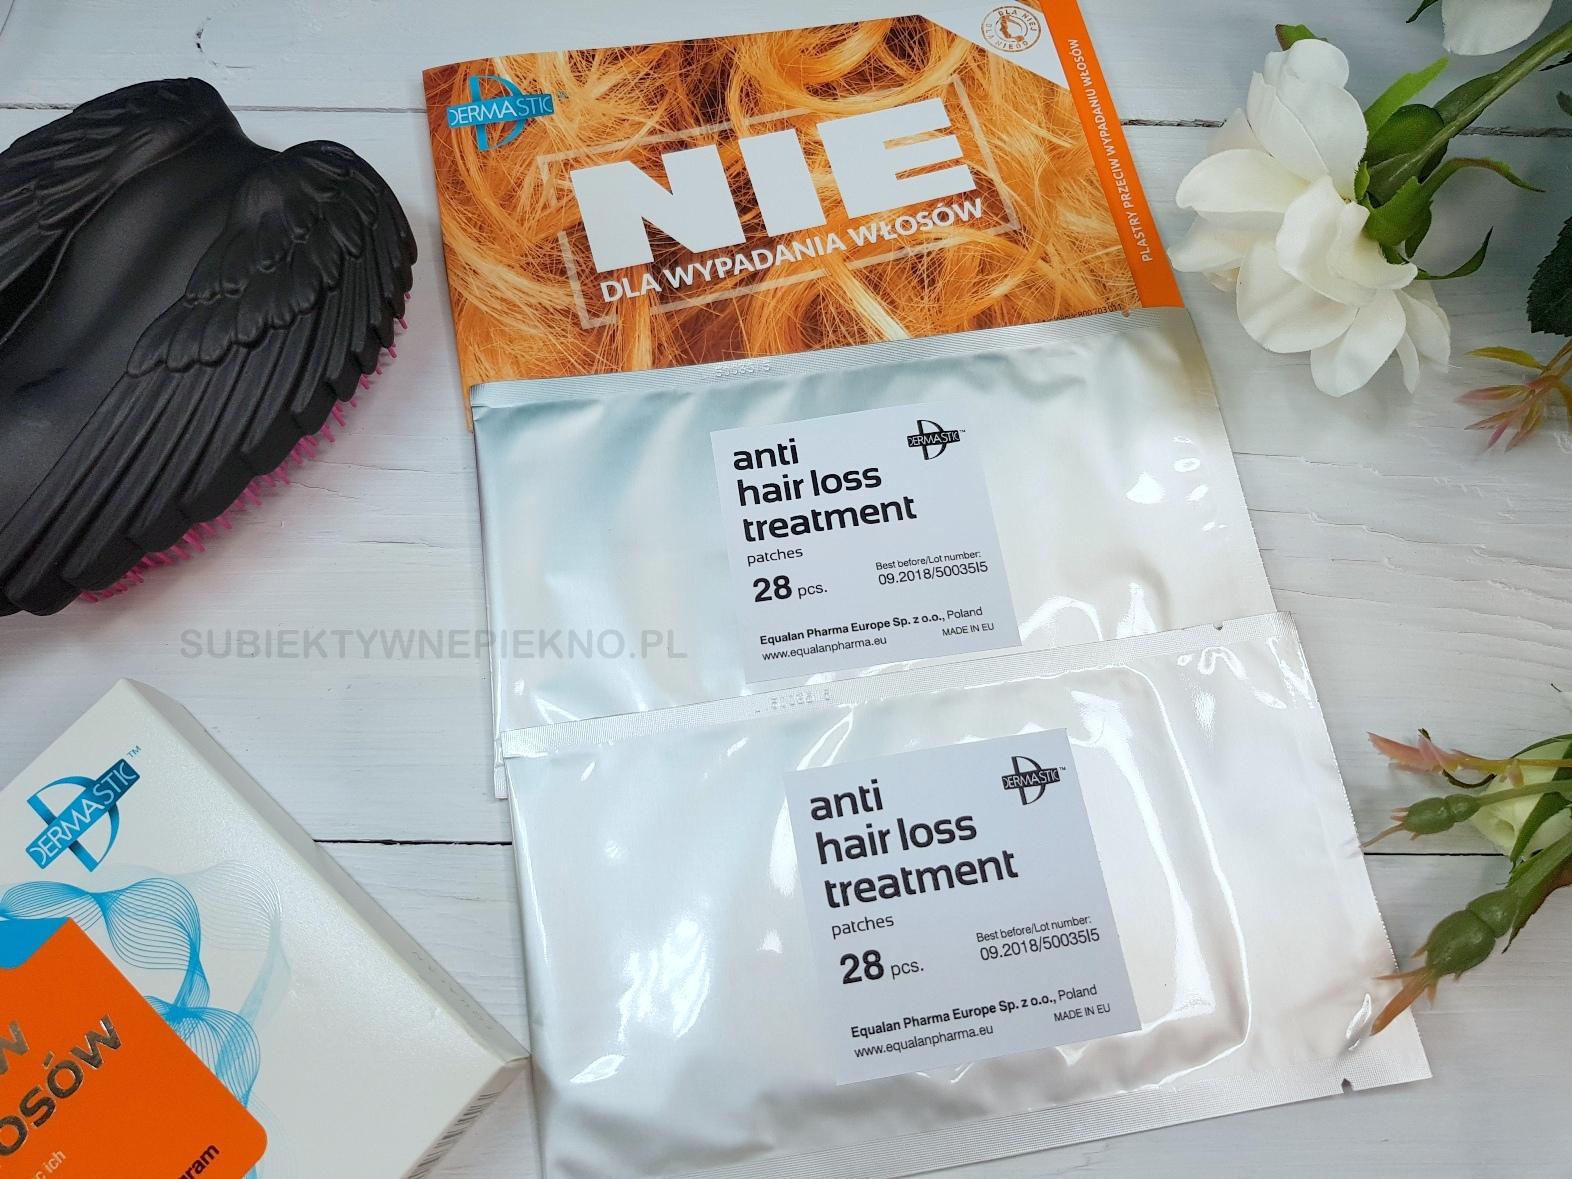 plastry przeciw wypadaniu włosów dermastic działanie, blog, opinie